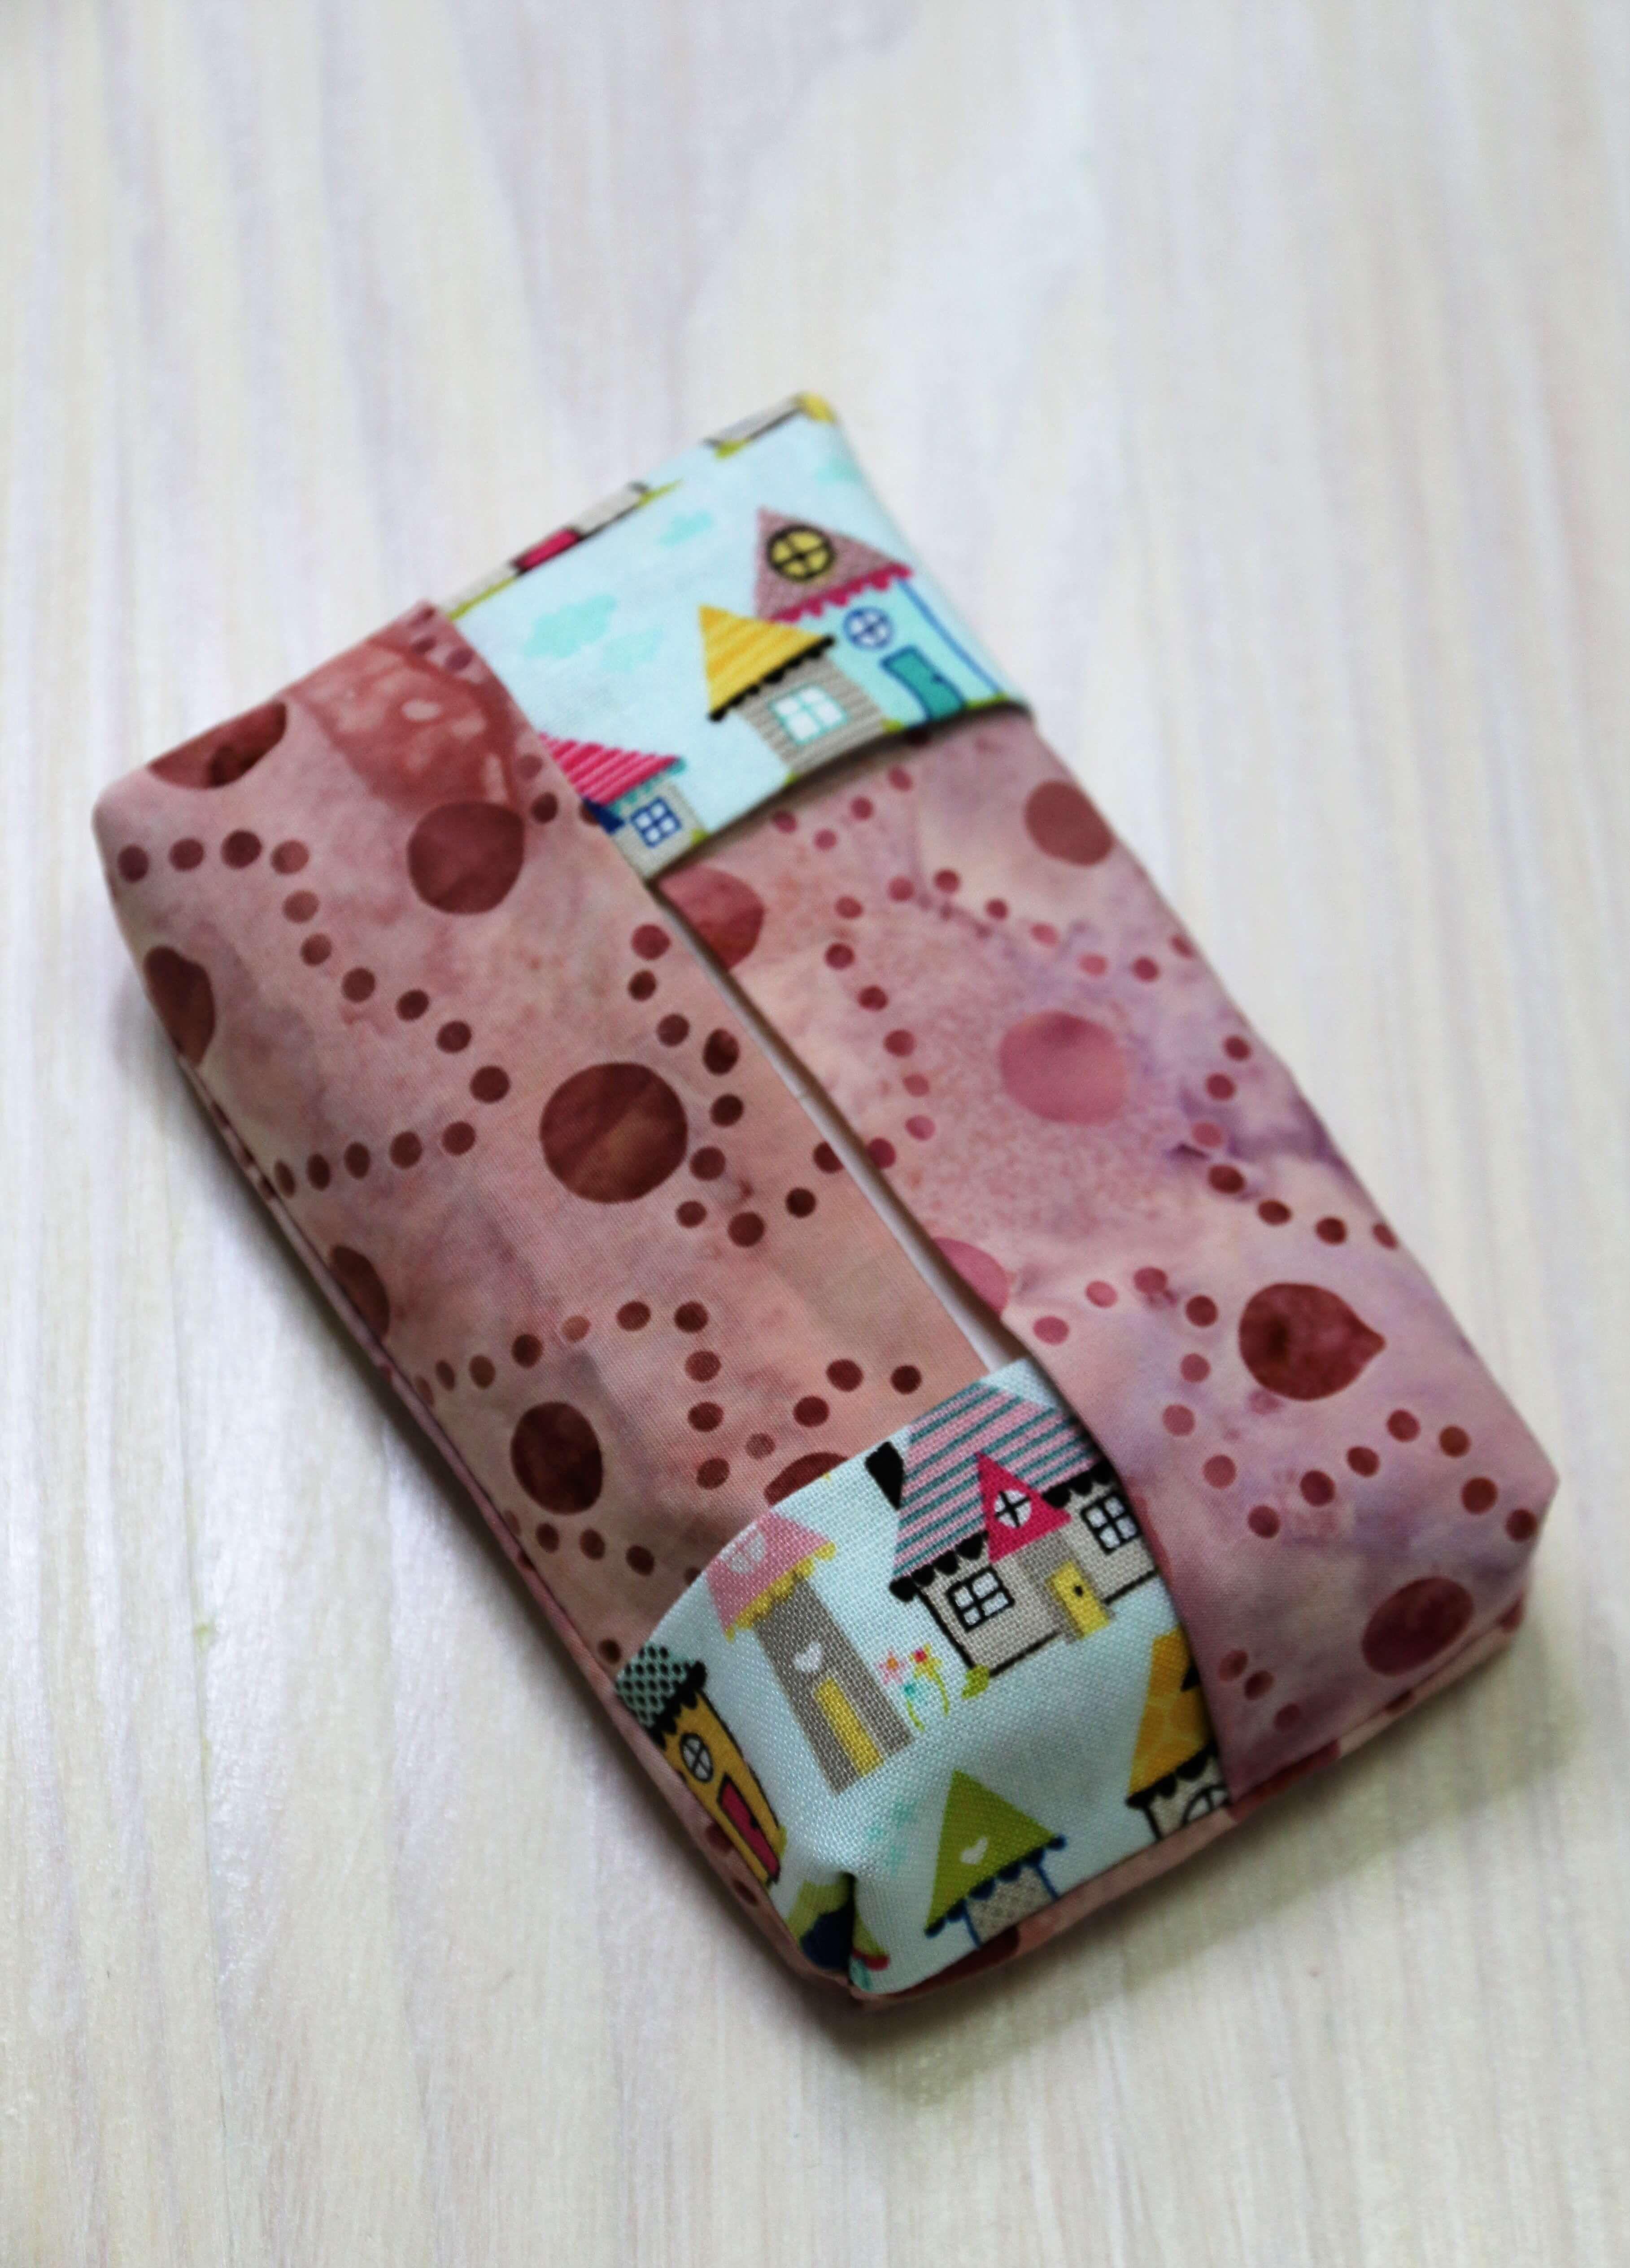 Coudre une poche en tissu à partir de morceaux de tissu   – Marita